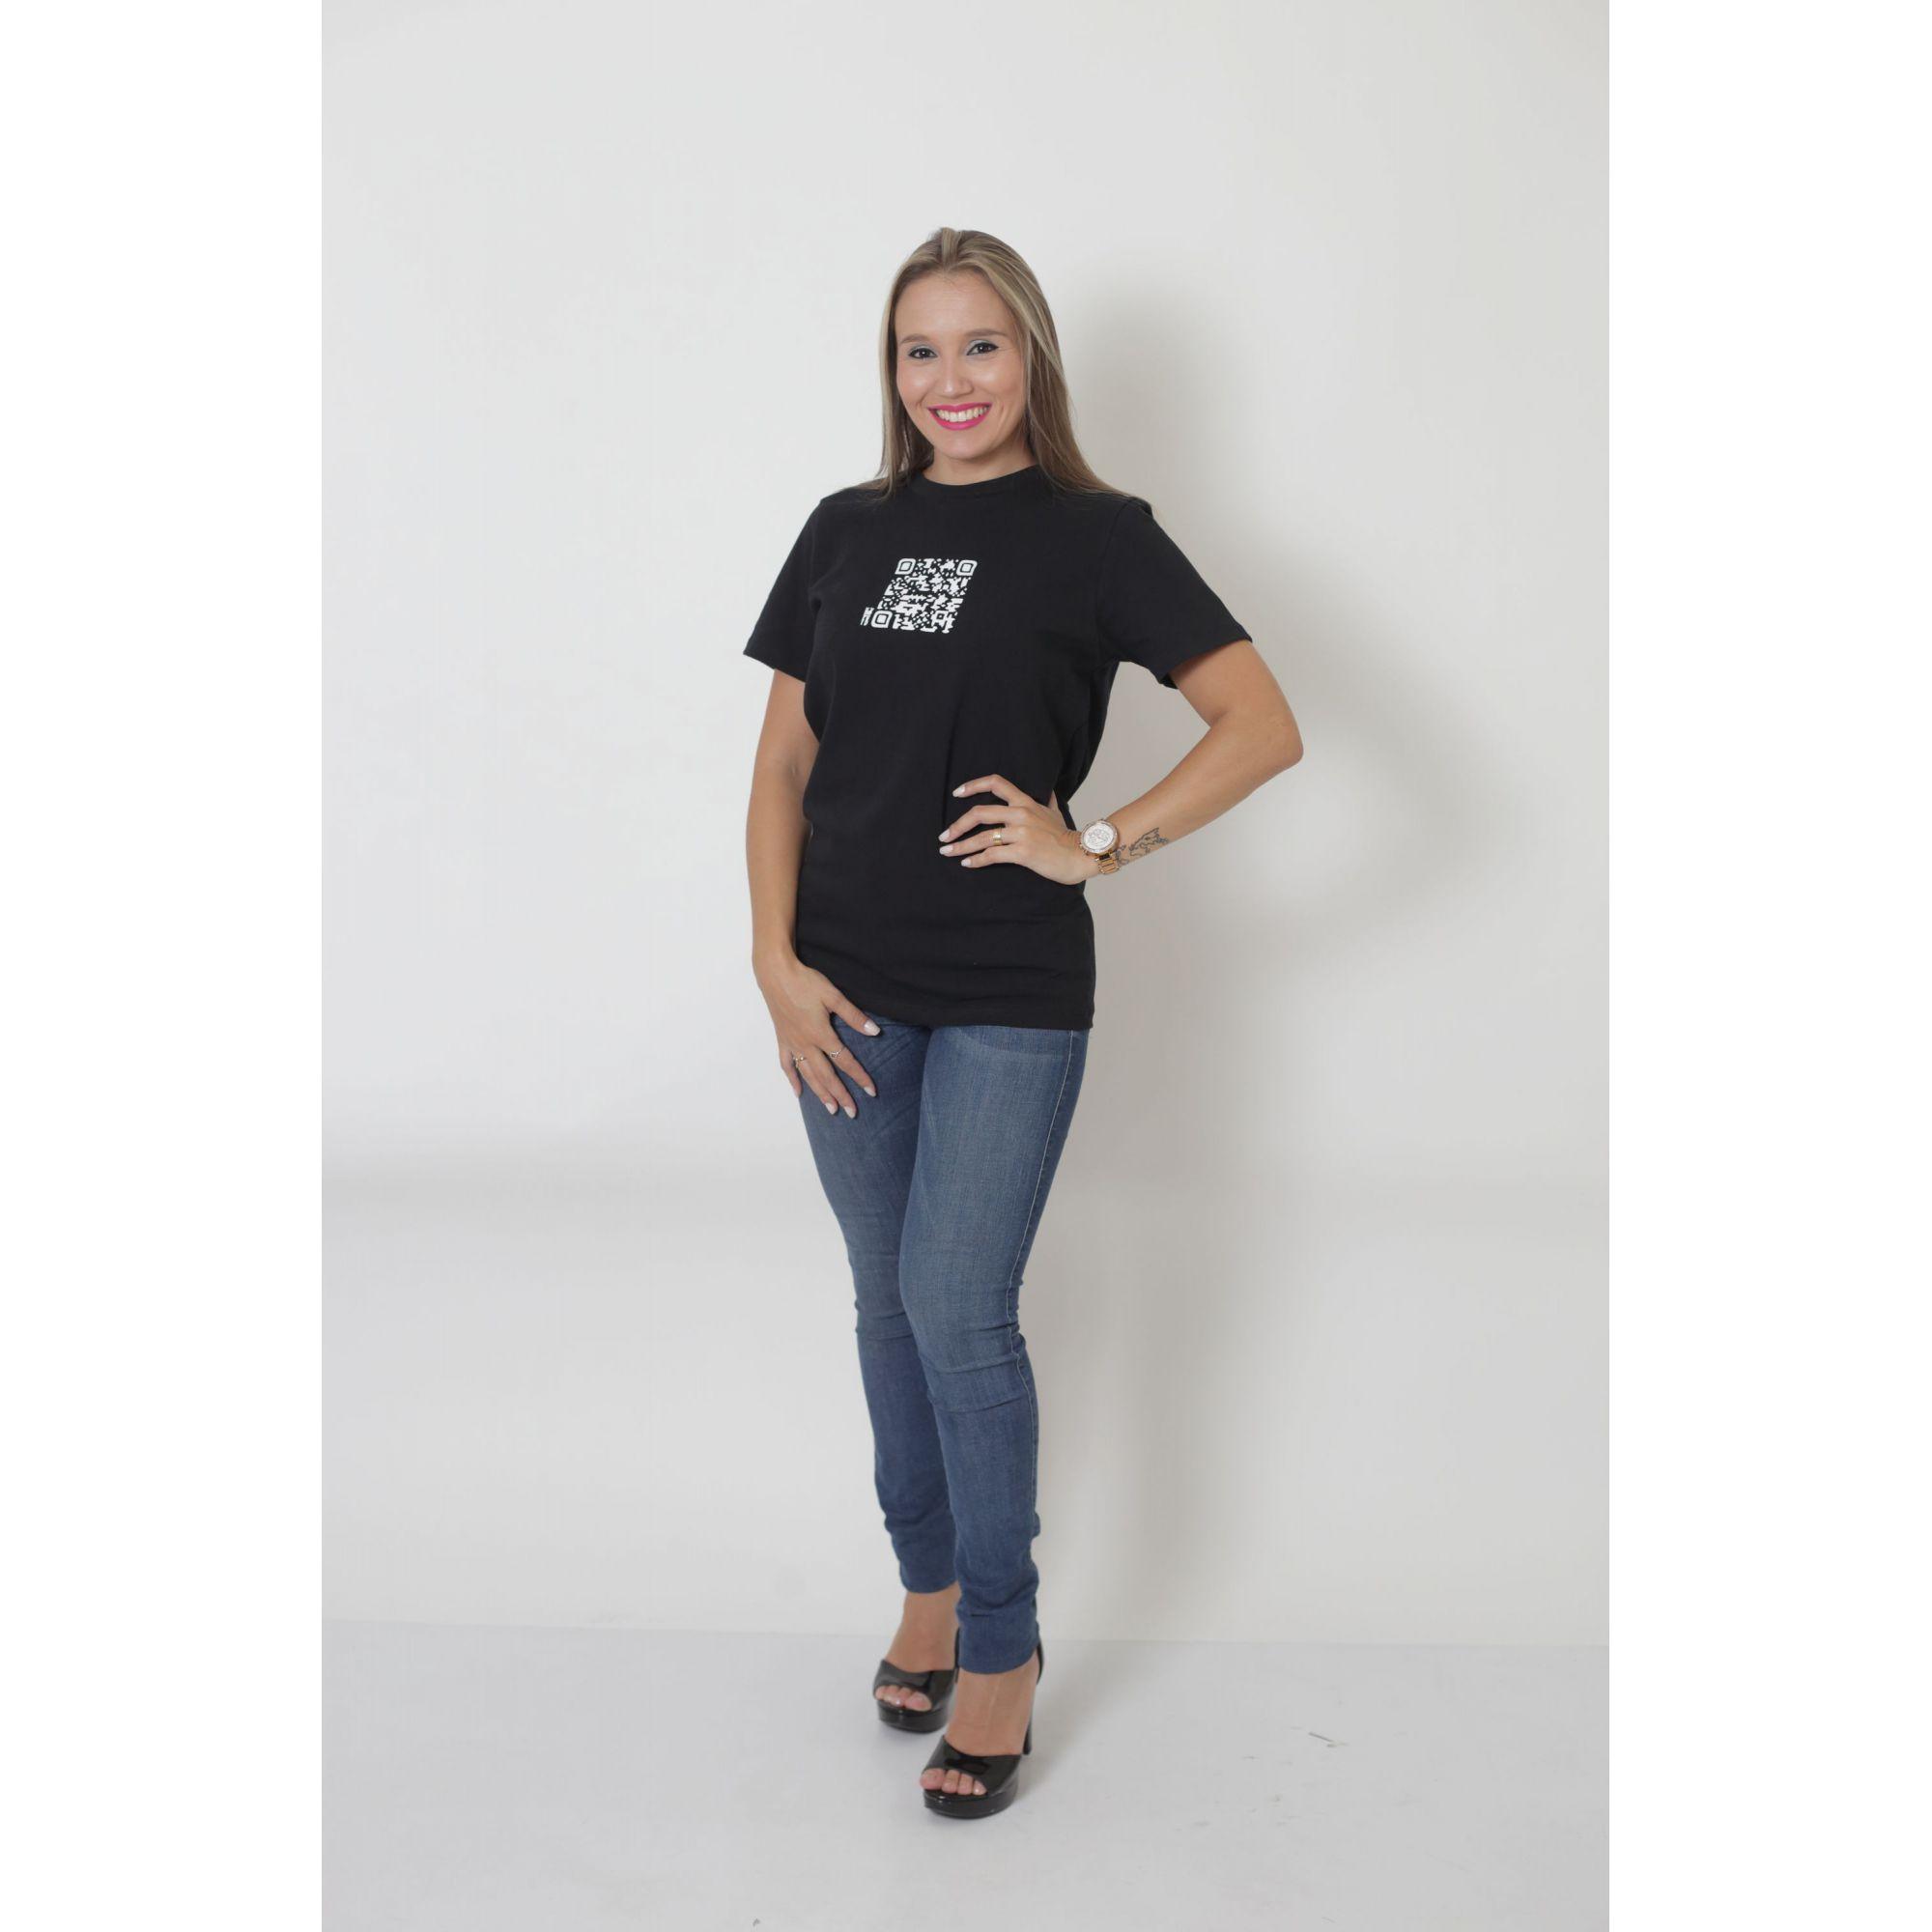 T-Shirt - Qrcode - Unissex   - Heitor Fashion Brazil